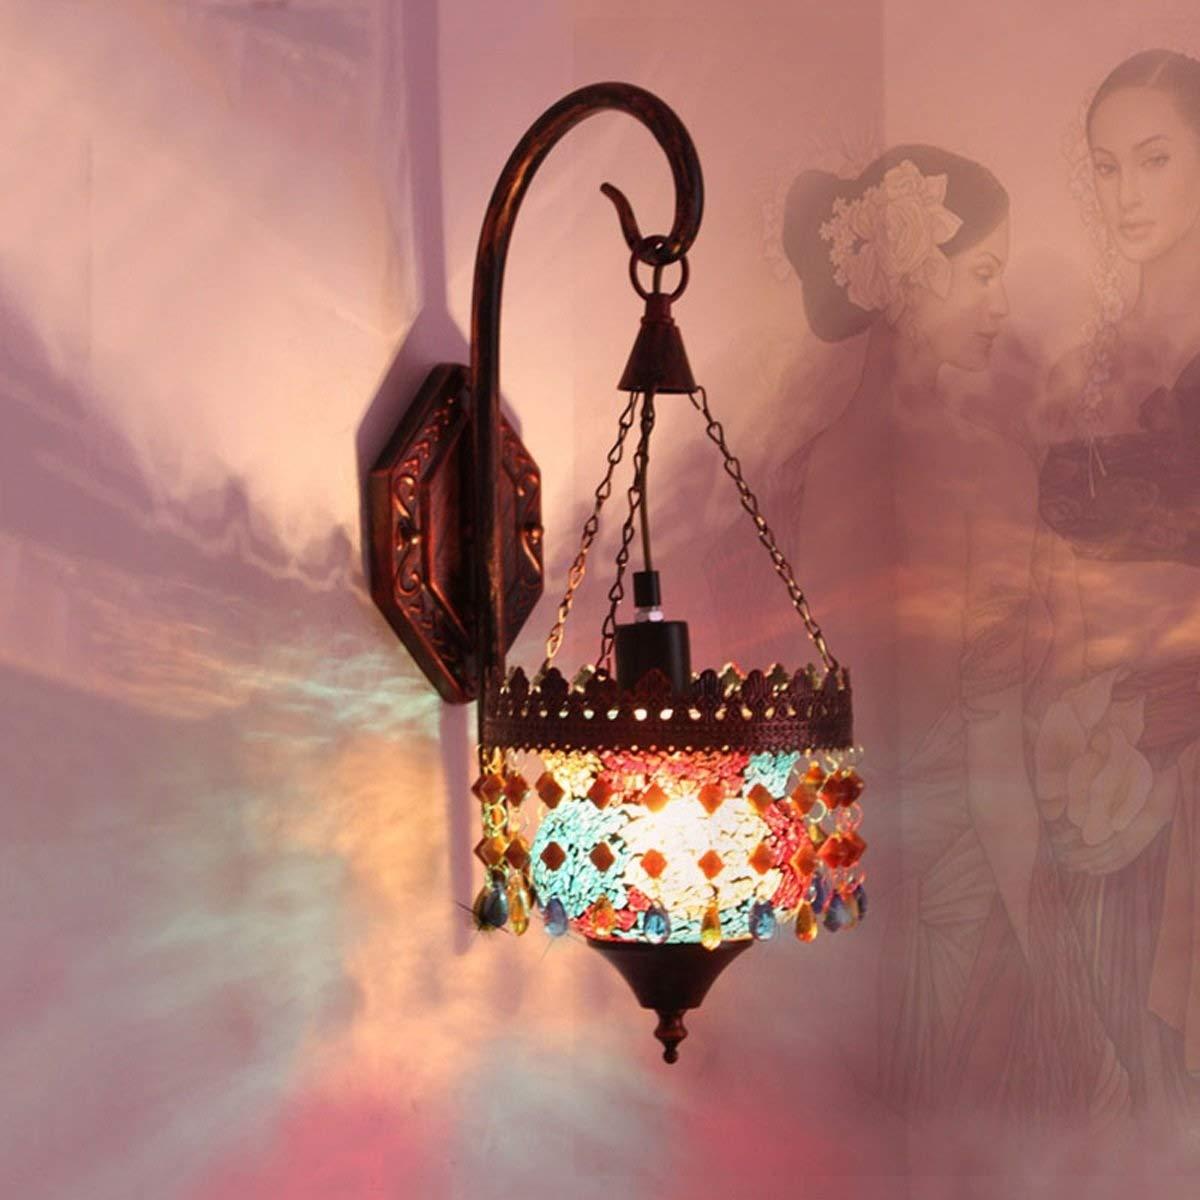 多彩な壁ライト、家の党棒喫茶店の壁ランプのための屋内現代軽い照明器具の照明 B07S1XCL7K